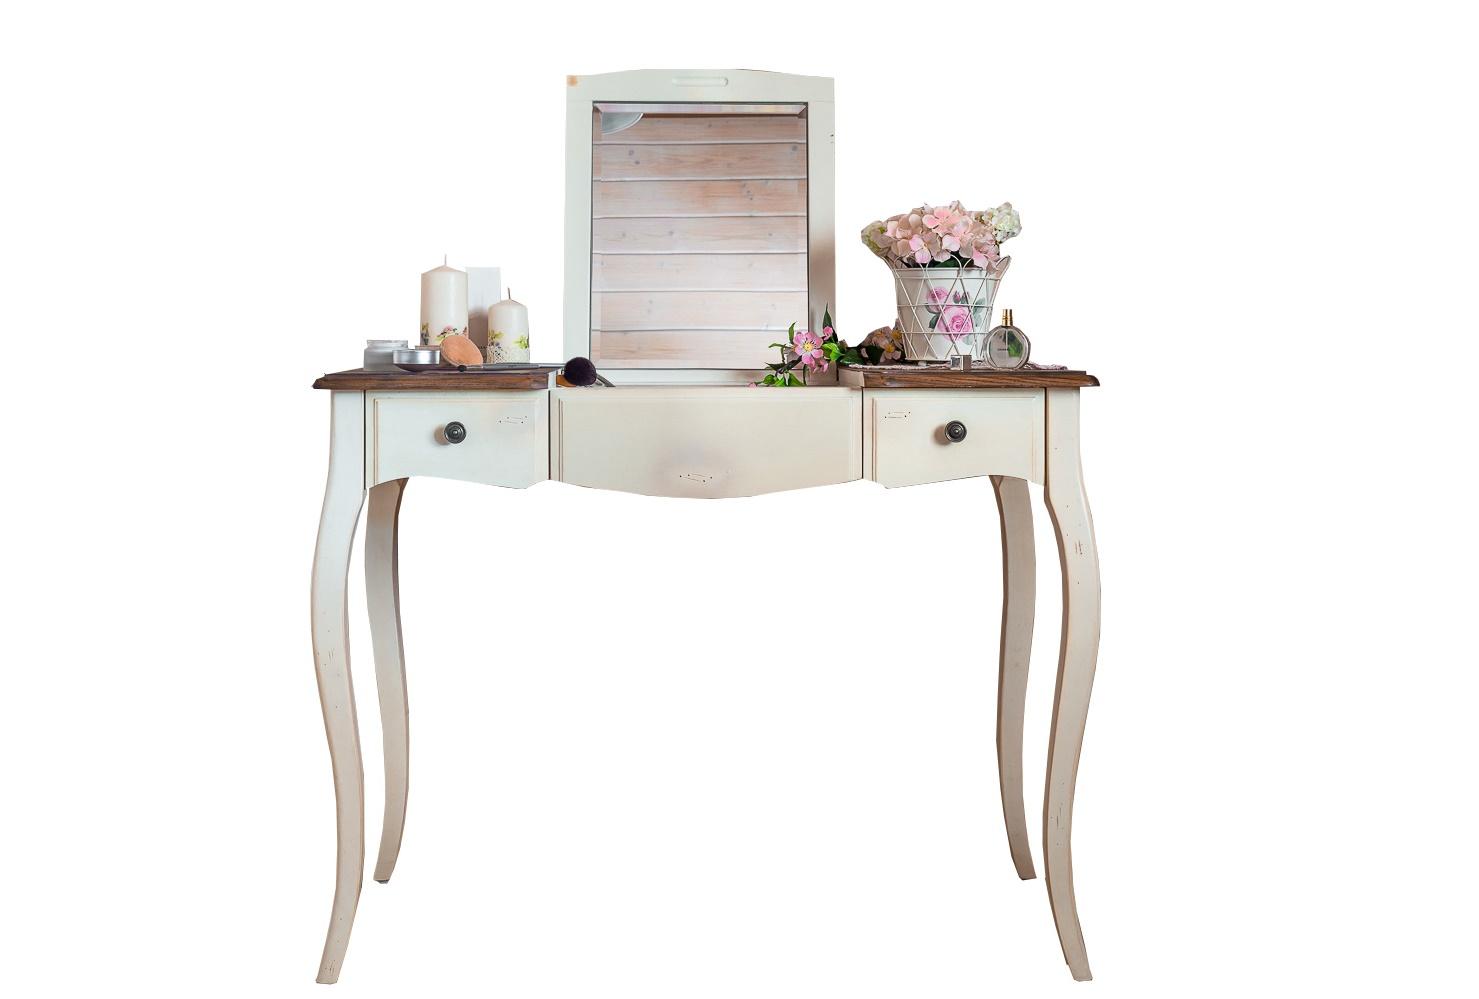 Туалетный столик Blanc bonbonТуалетные столики<br>Столик &amp;quot;Blanc&amp;amp;nbsp;Bonbon&amp;quot; очарует любую кокетку, которой нравится крутиться перед зеркалом и примерять на себя новые образы. Он позволит ей удобно разместить косметику и драгоценности, так необходимые для создания привлекательного look-а. Романтичный дизайн в стиле прованс сделает времяпрепровождение за этим туалетным столиком еще более приятным.&amp;lt;div&amp;gt;&amp;lt;br&amp;gt;&amp;lt;/div&amp;gt;&amp;lt;div&amp;gt;Материал: массив березы&amp;lt;/div&amp;gt;<br><br>Material: Дерево<br>Length см: 100<br>Width см: 49<br>Height см: 77